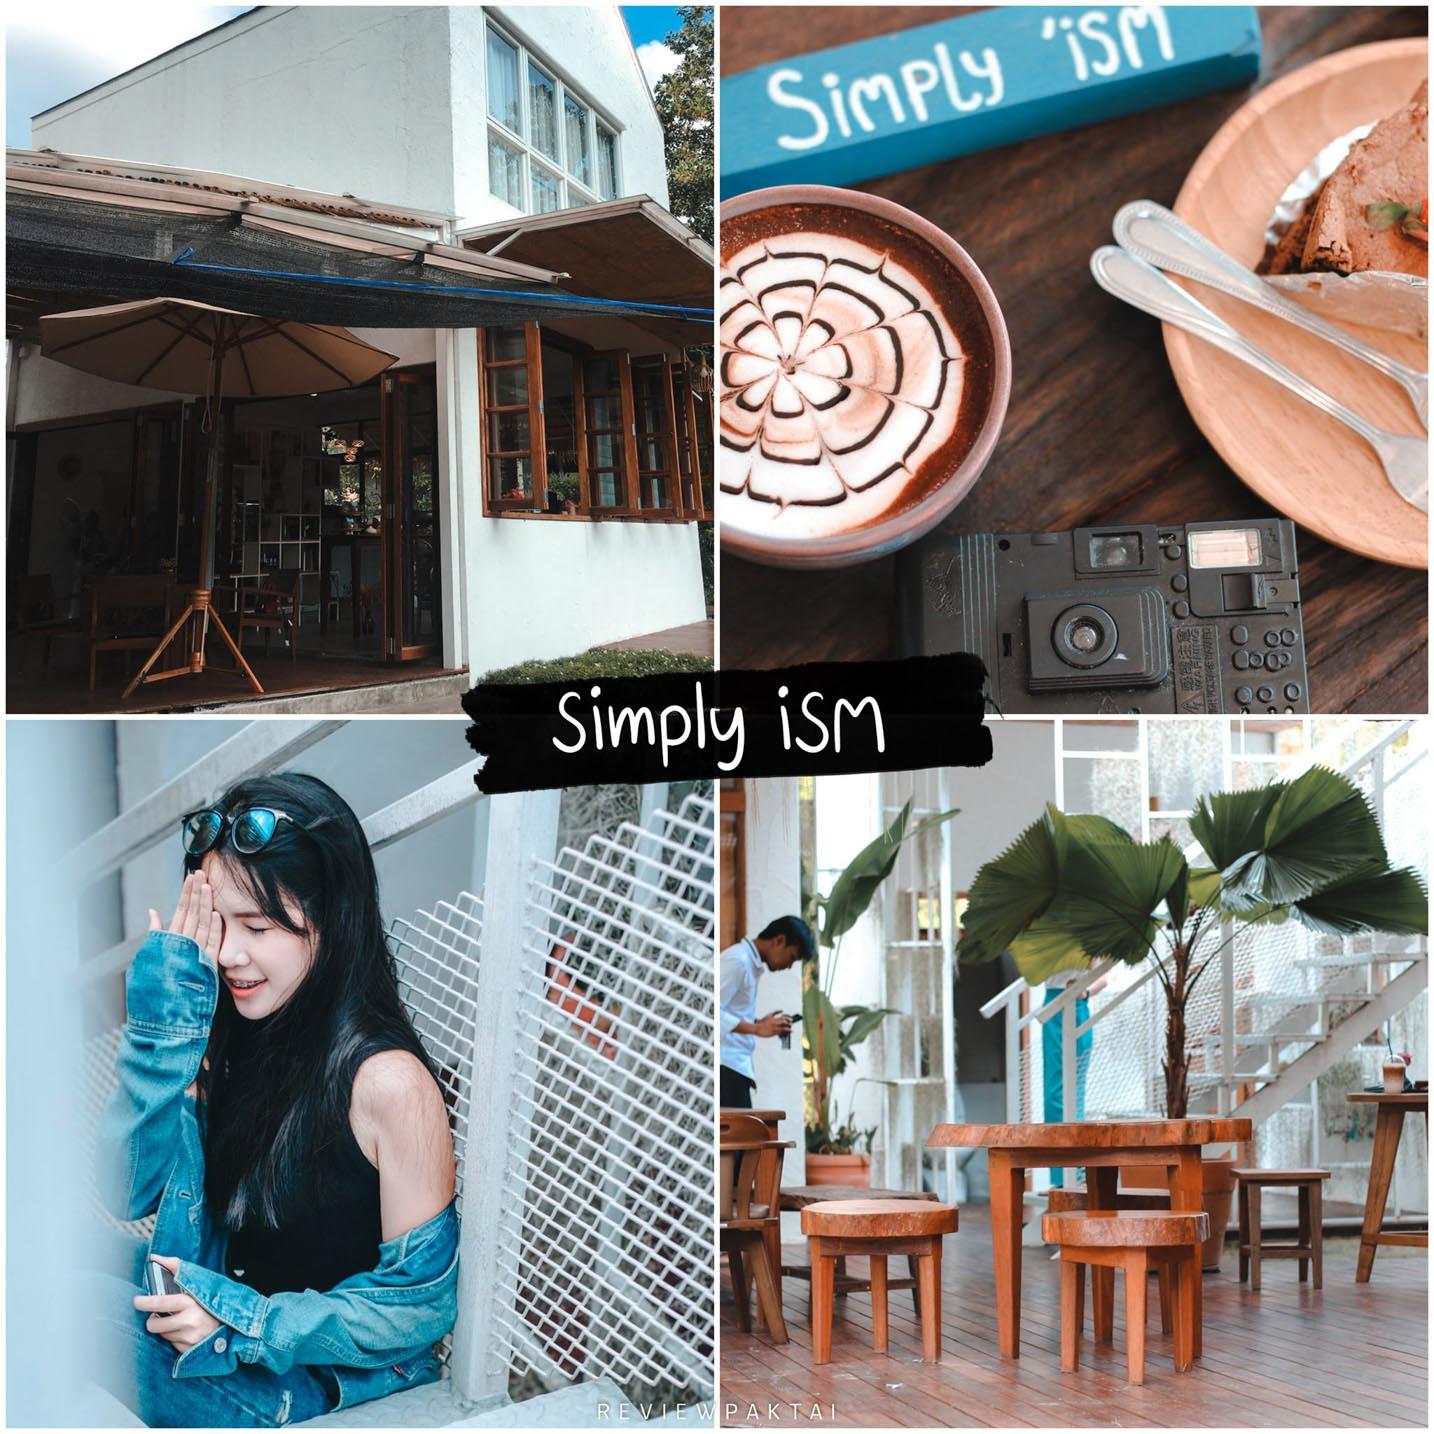 Simply 'ism cafe ร้านตกแต่งสไตล์อยู่สวน ต้นไม้เยอะ บรรยากาศร่มรืนชิลๆ อาหารมีเลือกเยอะแนะนำให้ไปลองกัน